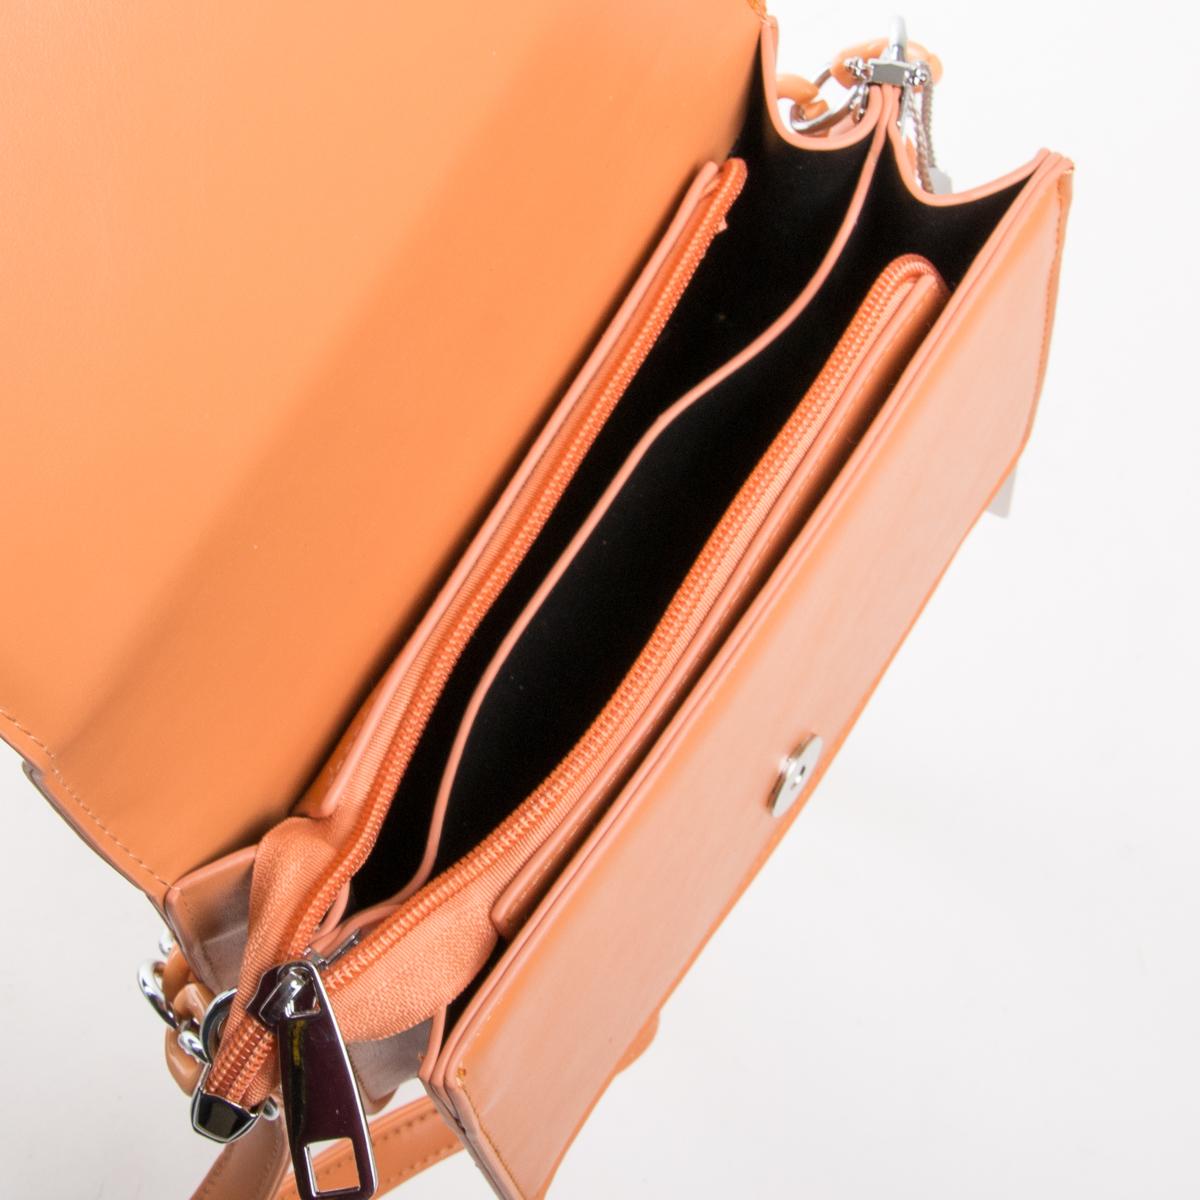 Сумка Женская Классическая иск-кожа FASHION 01-03 703 orange - фото 5